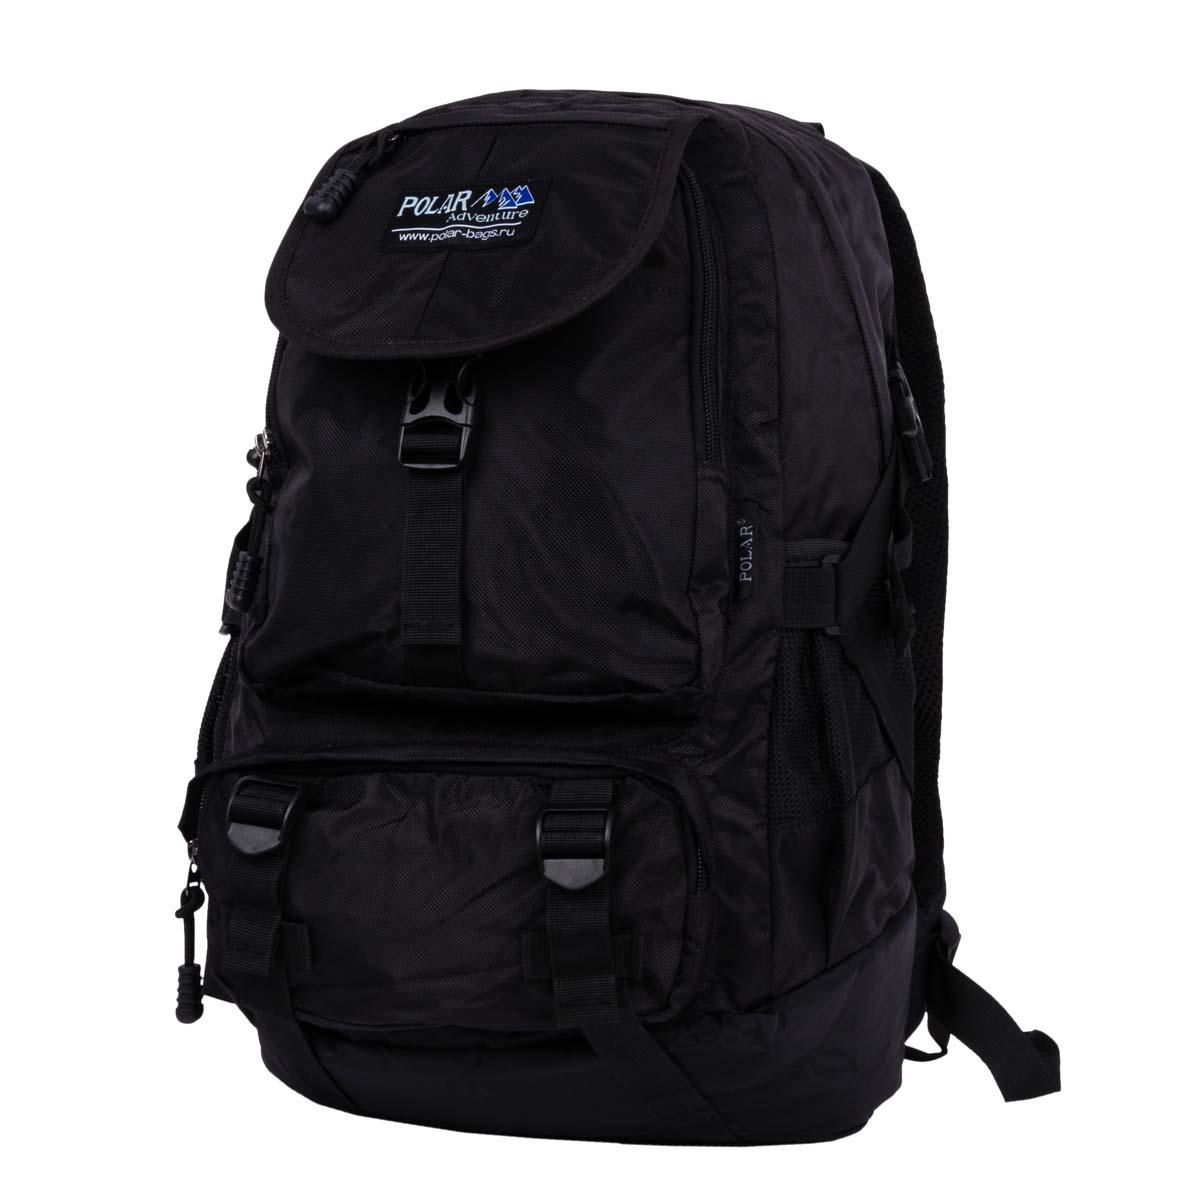 Рюкзак городской Polar, 24 л, цвет: черный. 2810-05